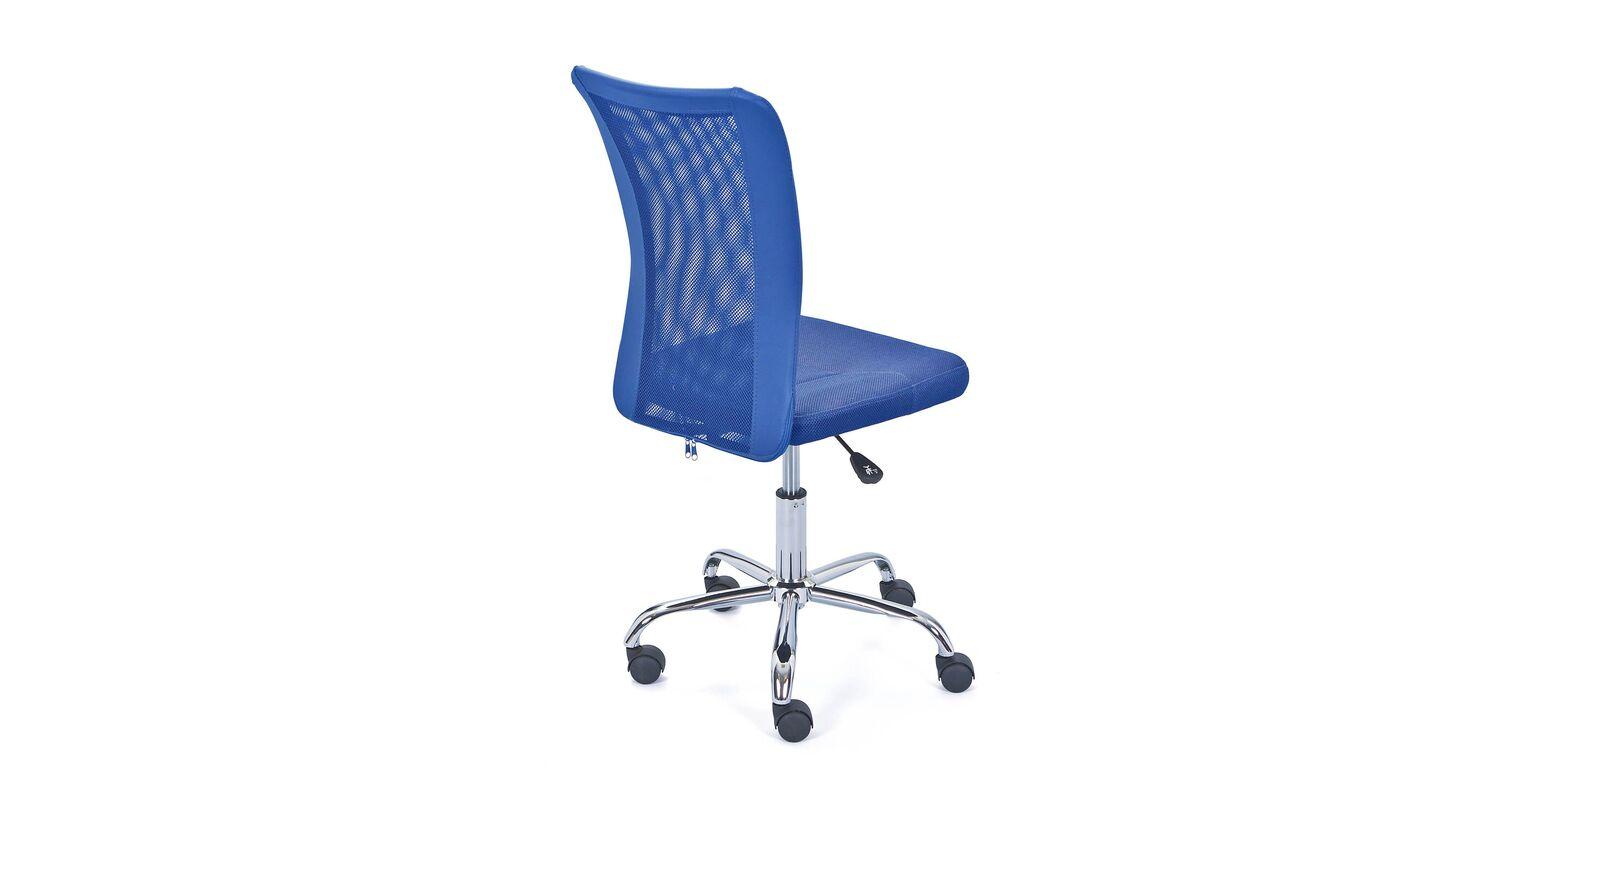 Drehstuhl Erin mit ergonomischer Rückenlehne